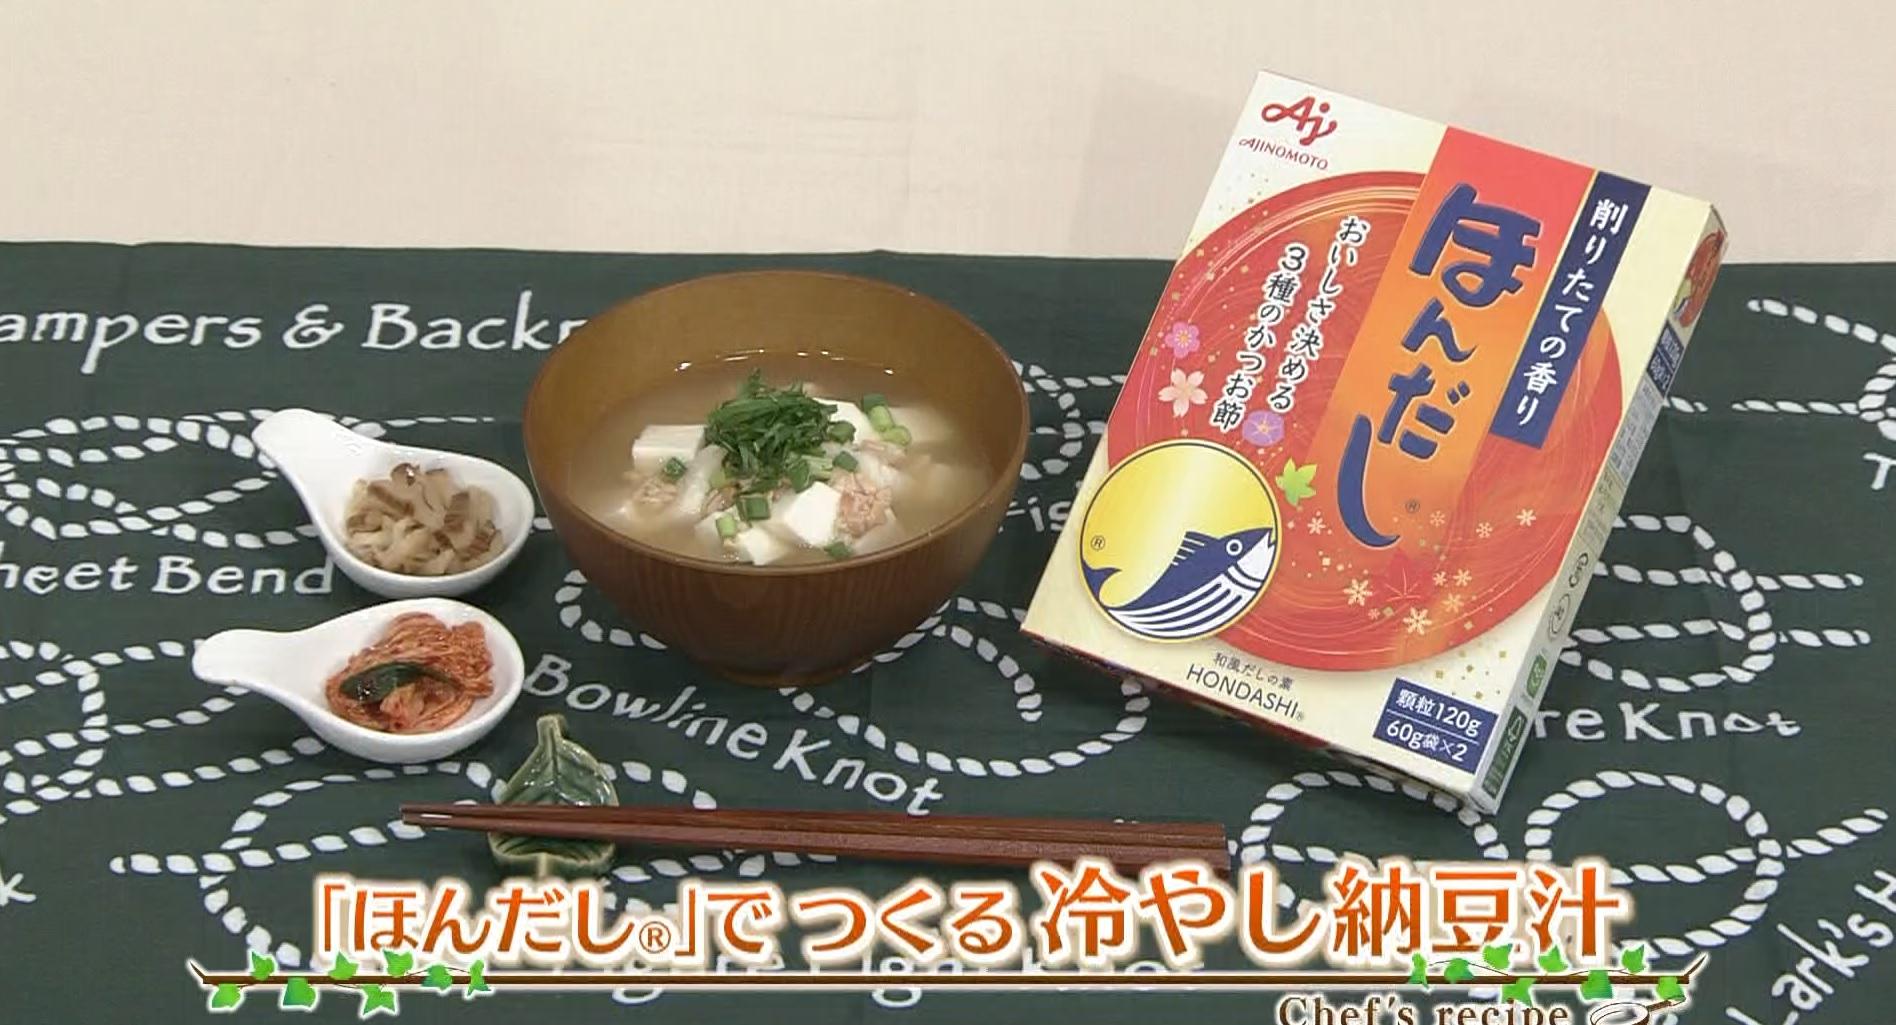 えび☆ステ【シェフズレシピ】冷やし納豆汁  by渡部恵美